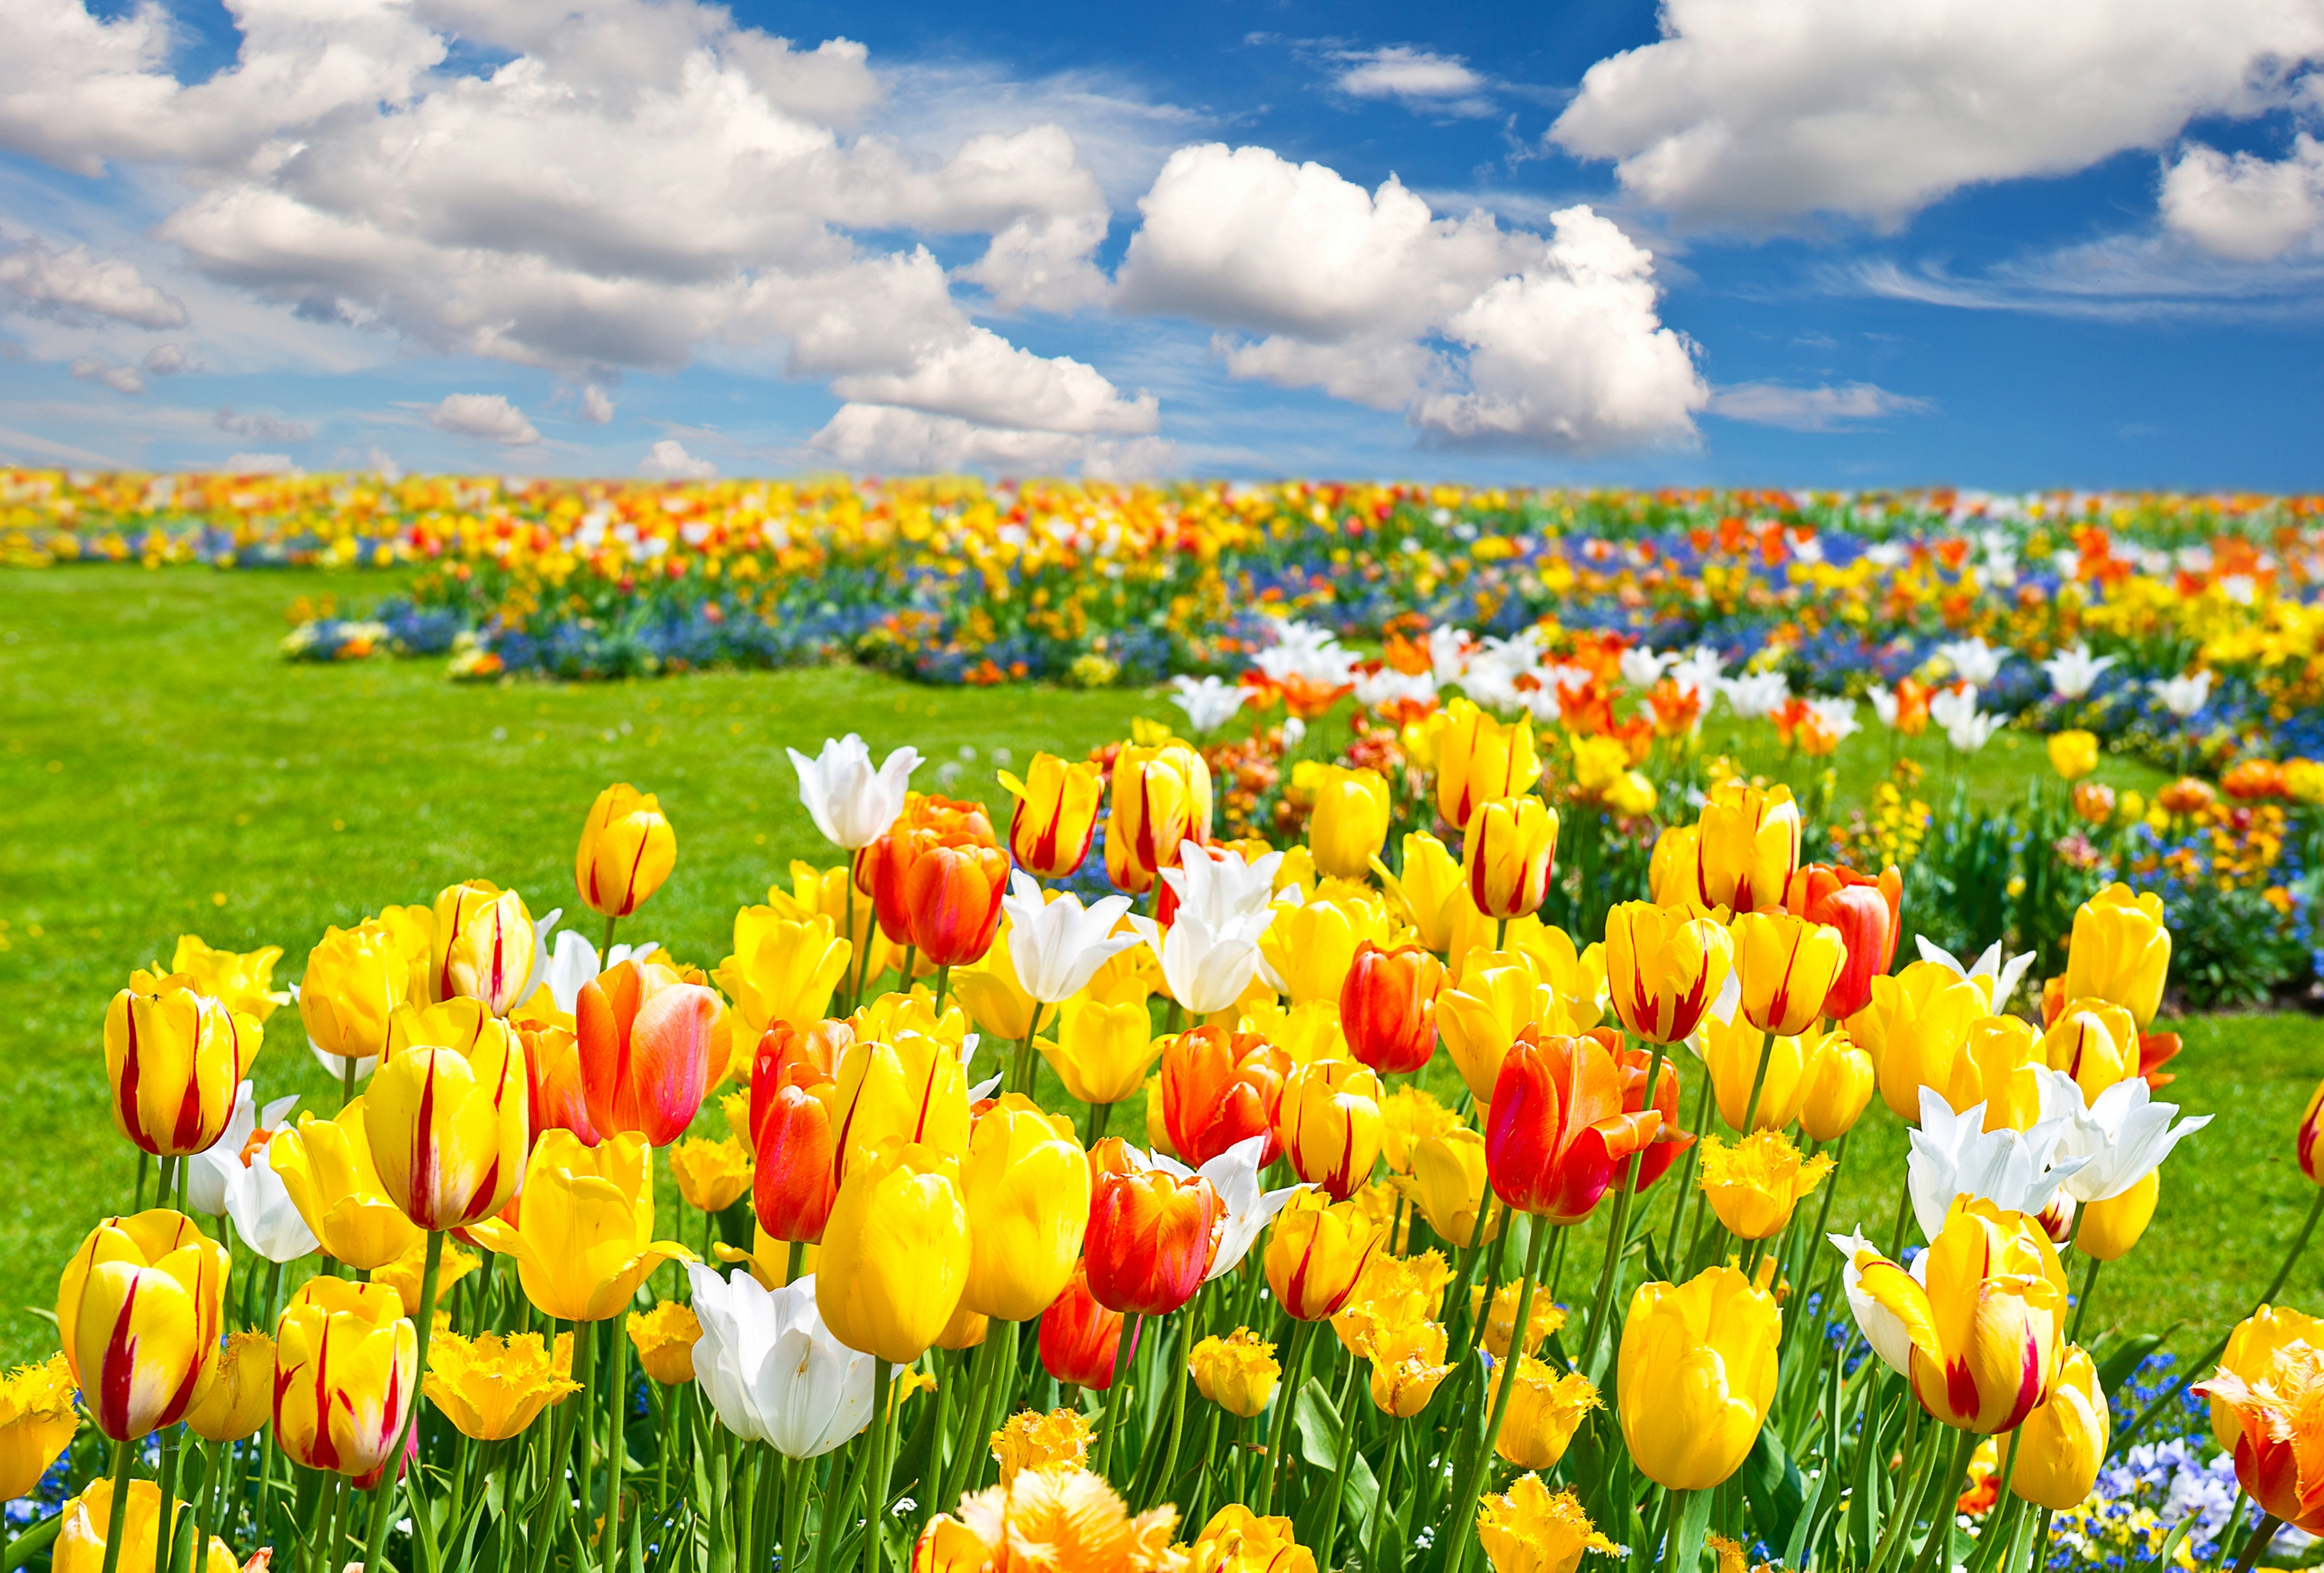 архитектура страны цветы тюльпаны желтые пейзаж  № 2568576 бесплатно